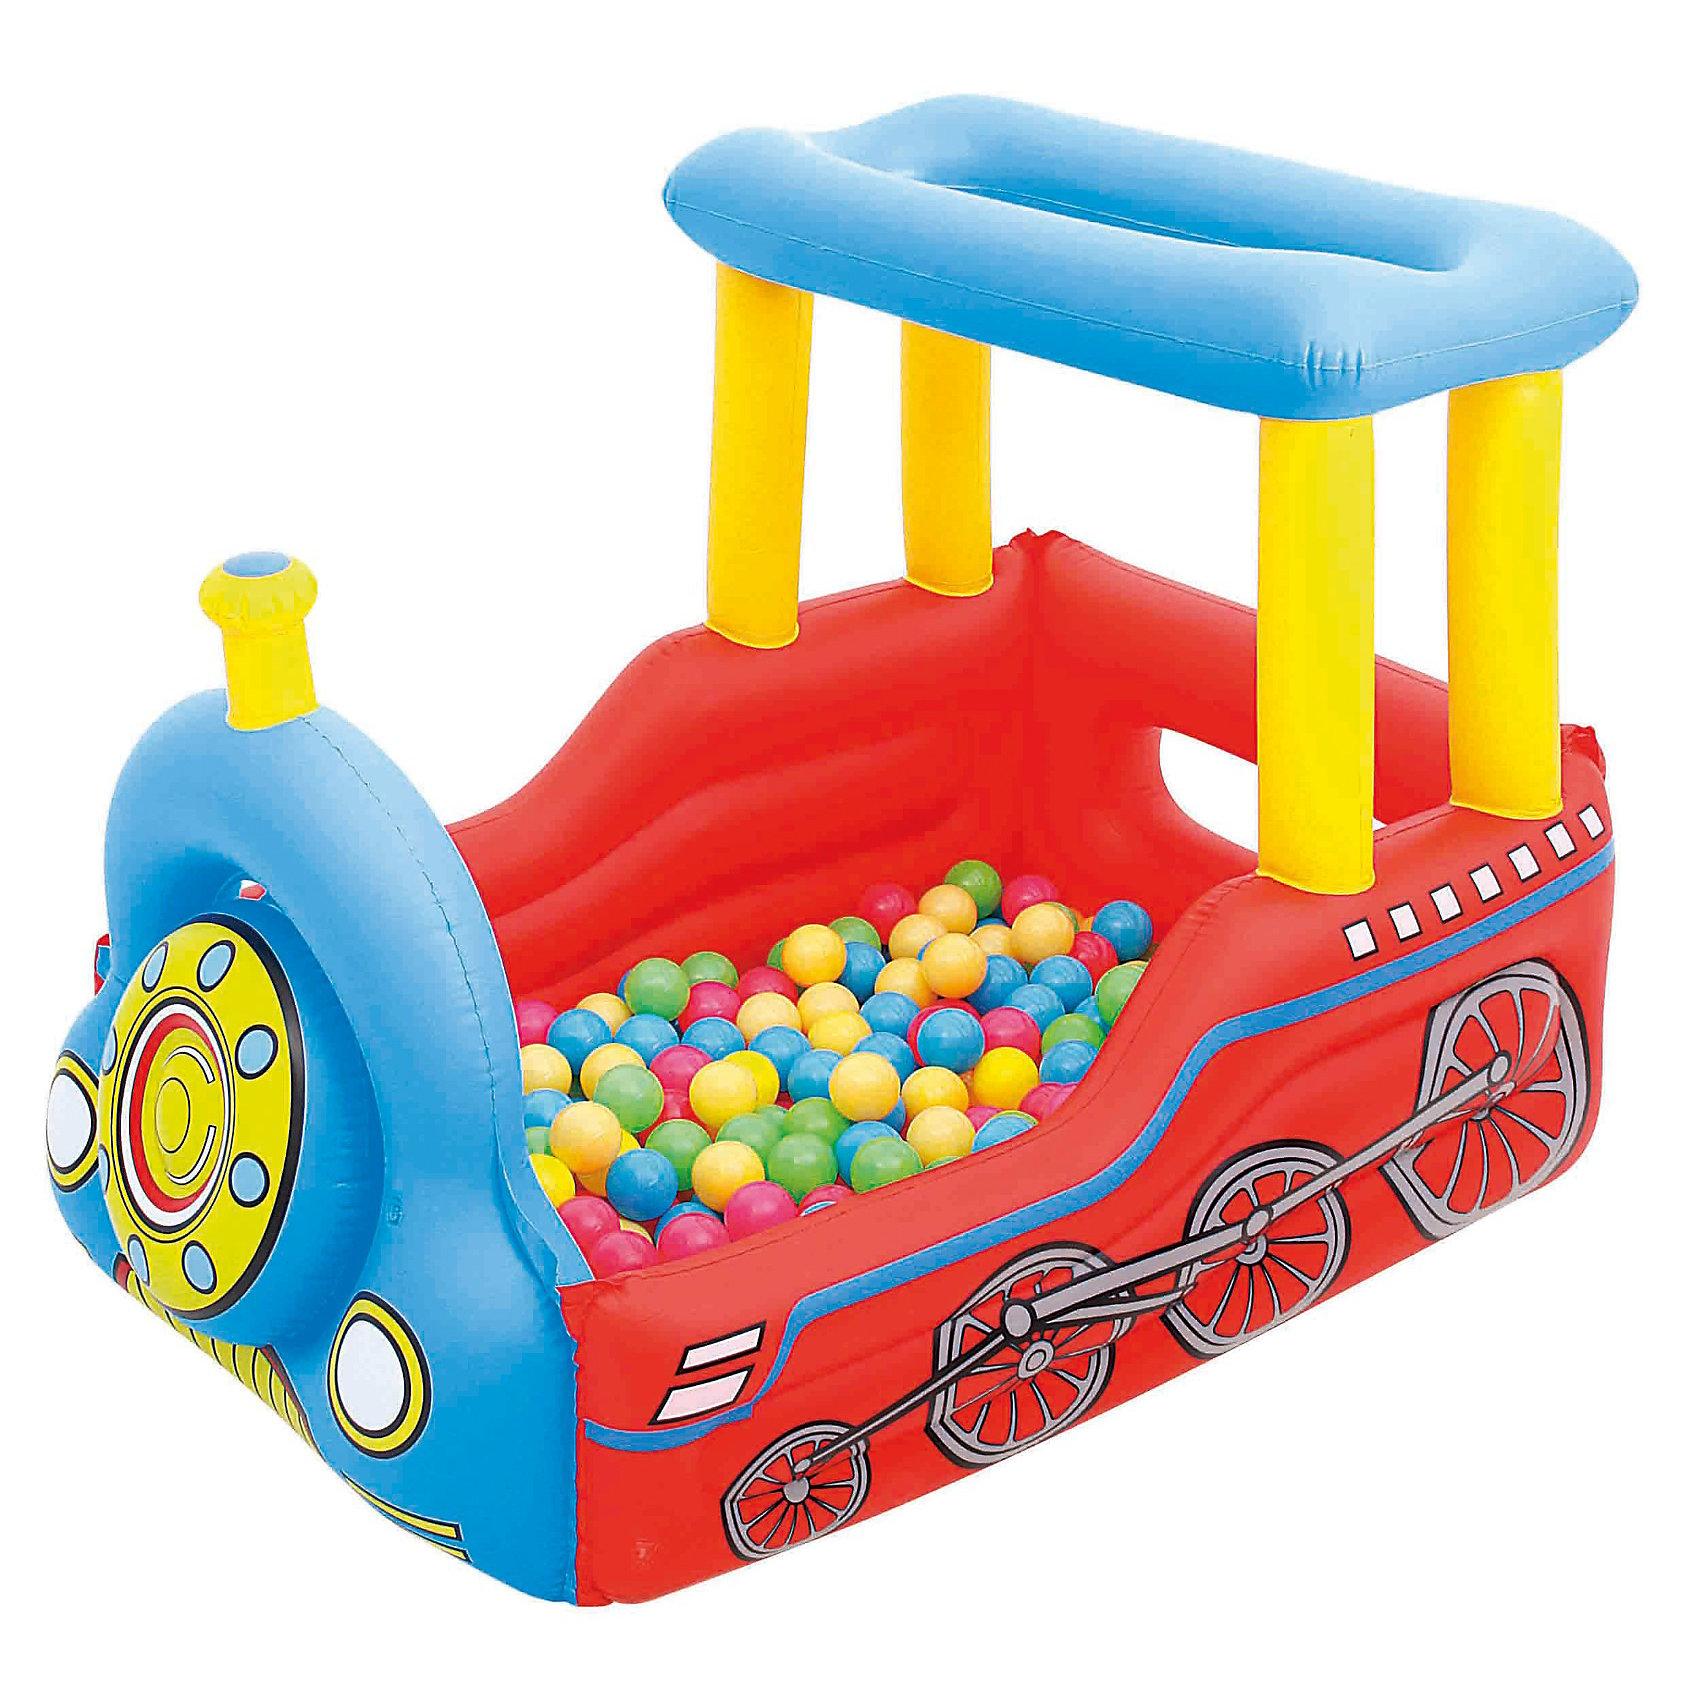 Bestway Детский игровой центр Поезд с 50 шариками для игры, Bestway игровой центр вертолёт 132х79х68 см с шариками bestway